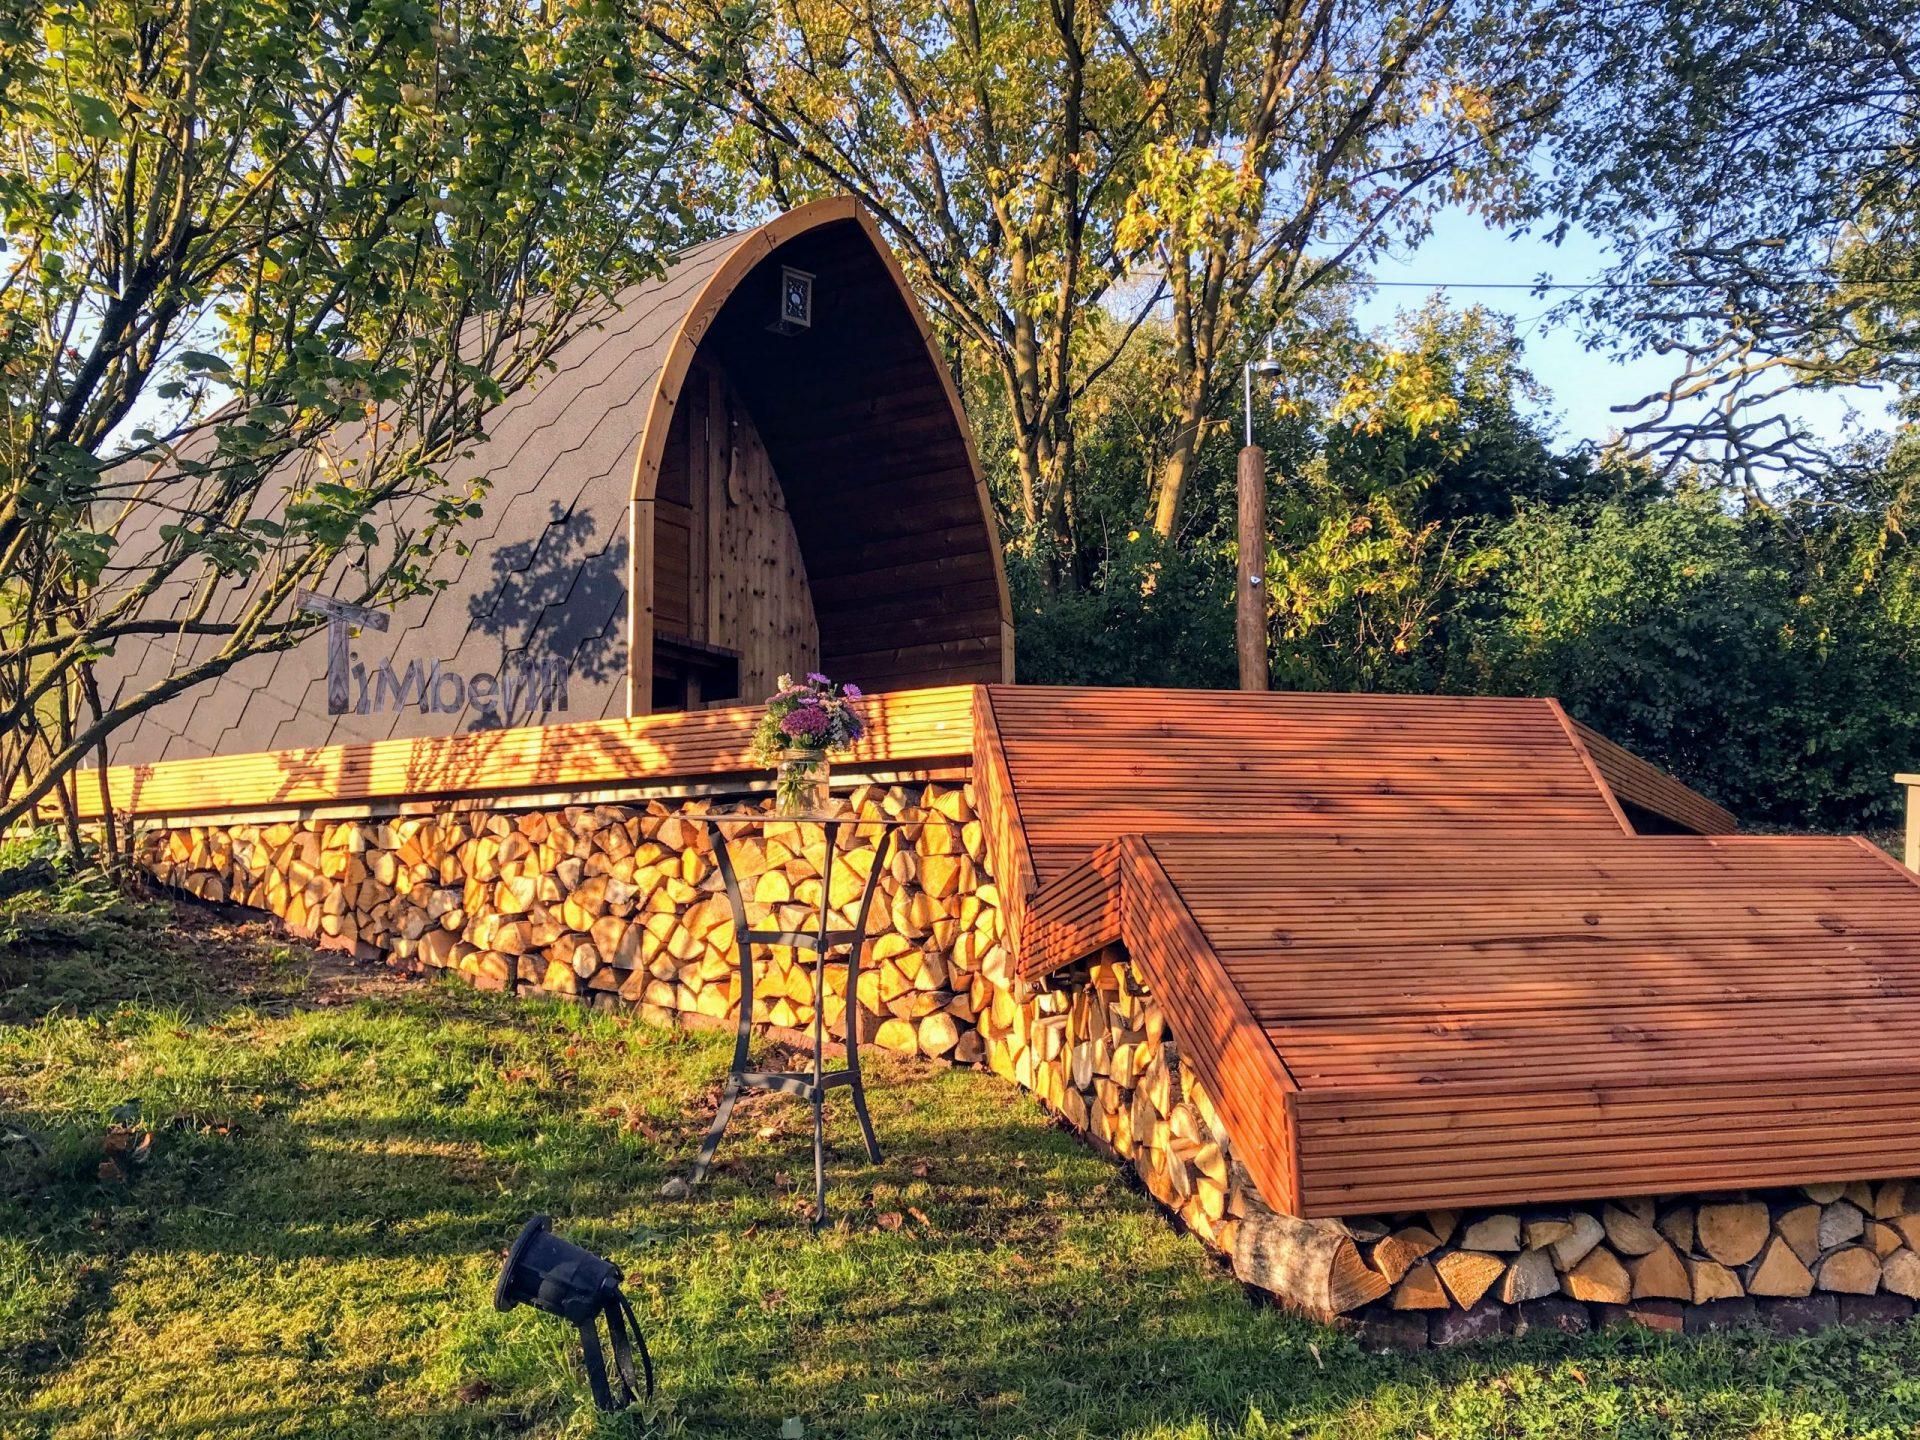 Aussensauna Gartensauna Iglu Pod mit Holzofen Elektrisch 6 scaled